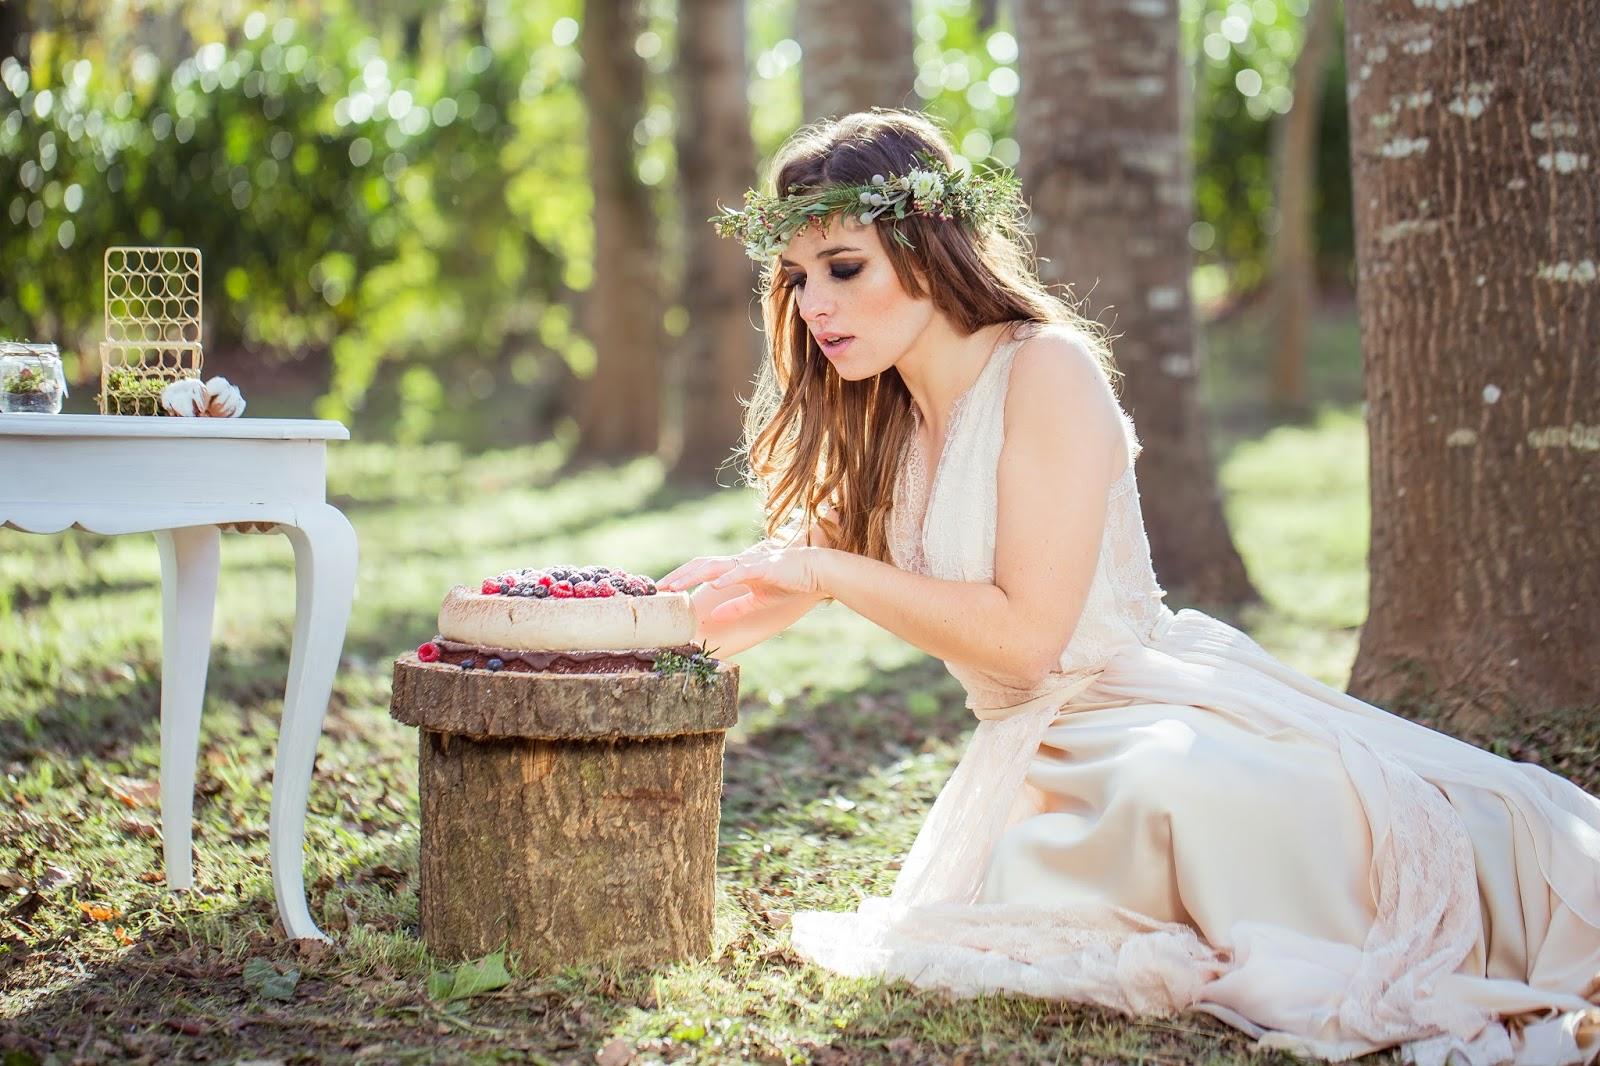 135milimetros, amor, Casamento, DIY, editorial, fotografocasamento, love, nós na boca do mundo, photography, um dia a 135milímetros, wedding, weddingphotography